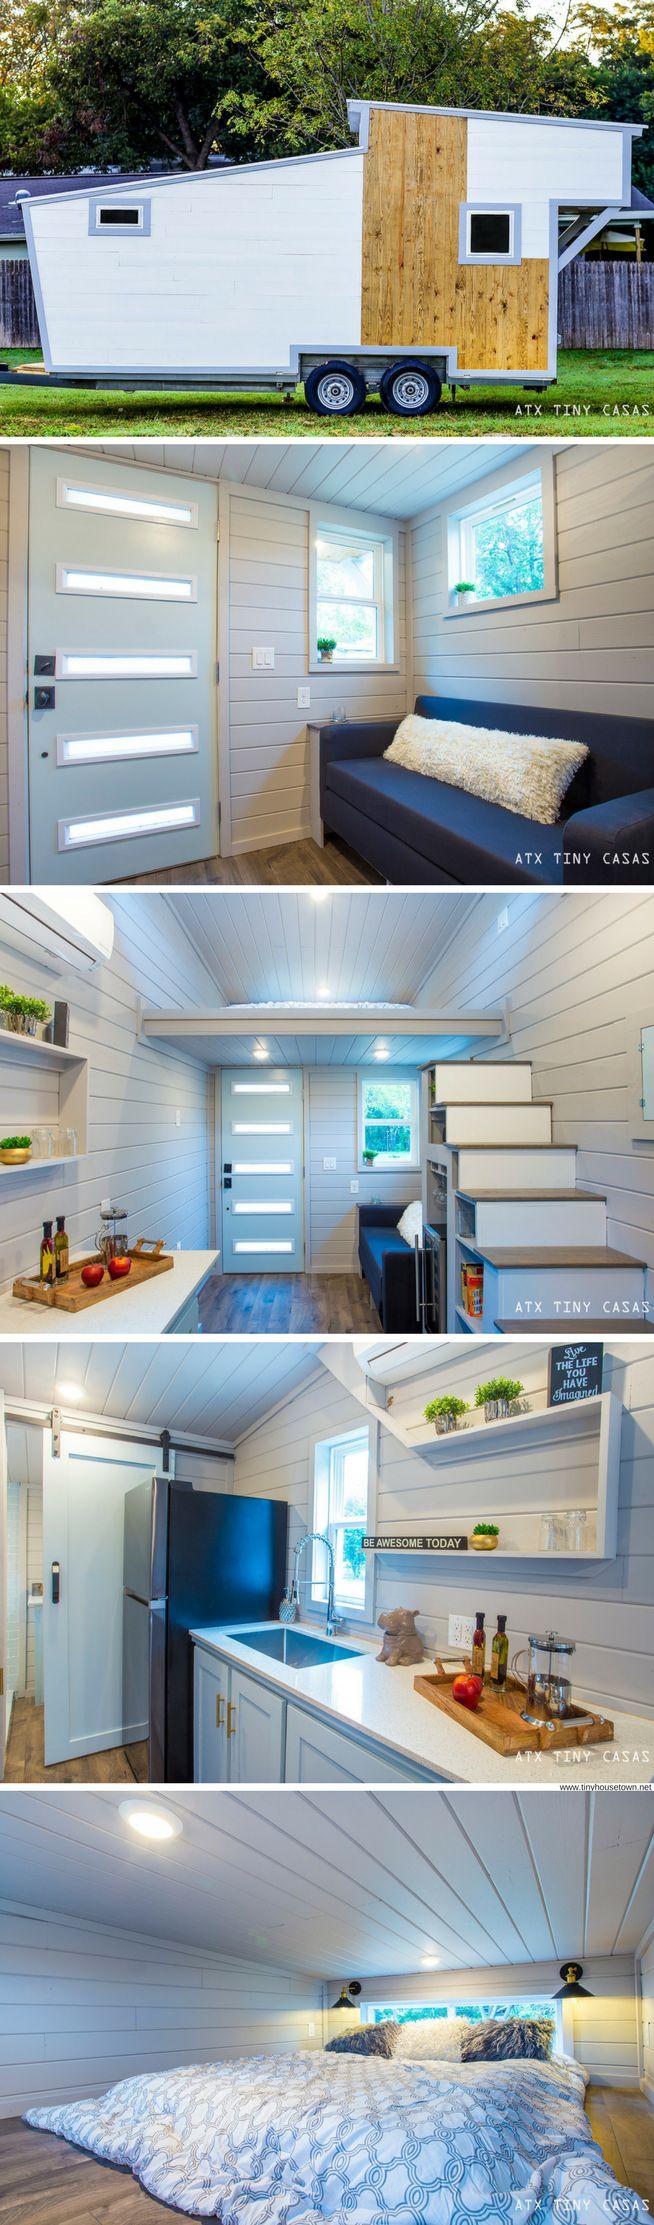 The Lady Bird: a beautiful 224 sq ft tiny house from ATX Tiny Casas